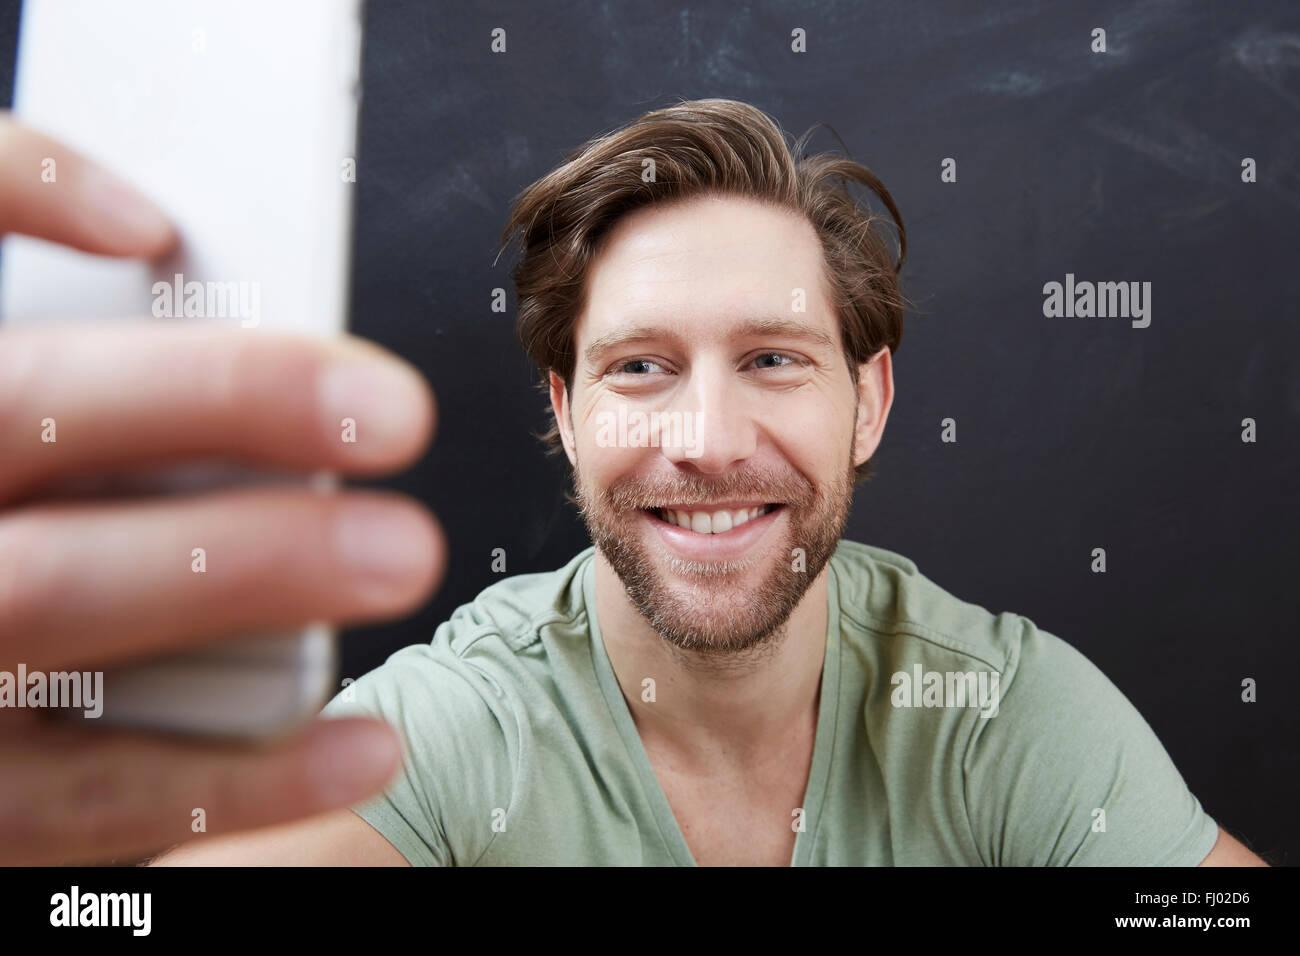 Porträt von lächelnden jungen Mann unter ein Selbstporträt mit smartphone Stockbild